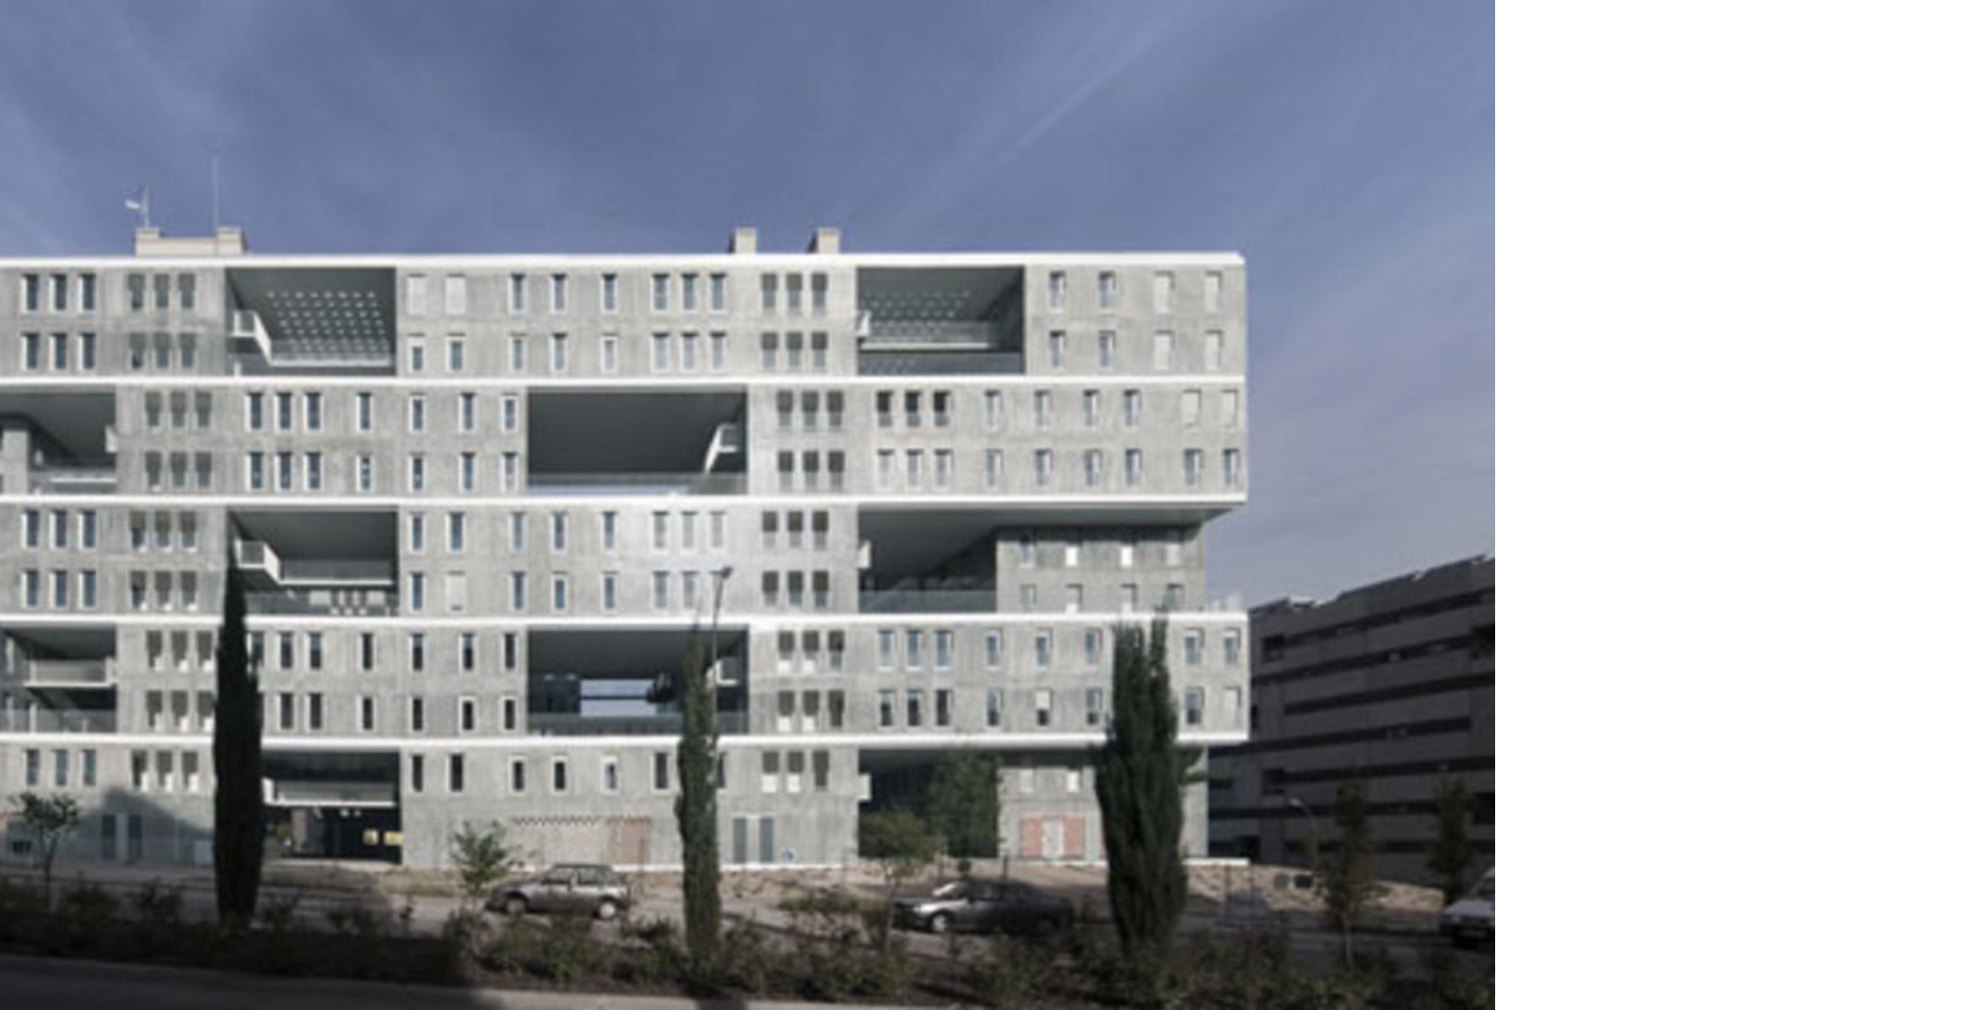 The rhythm of the façade